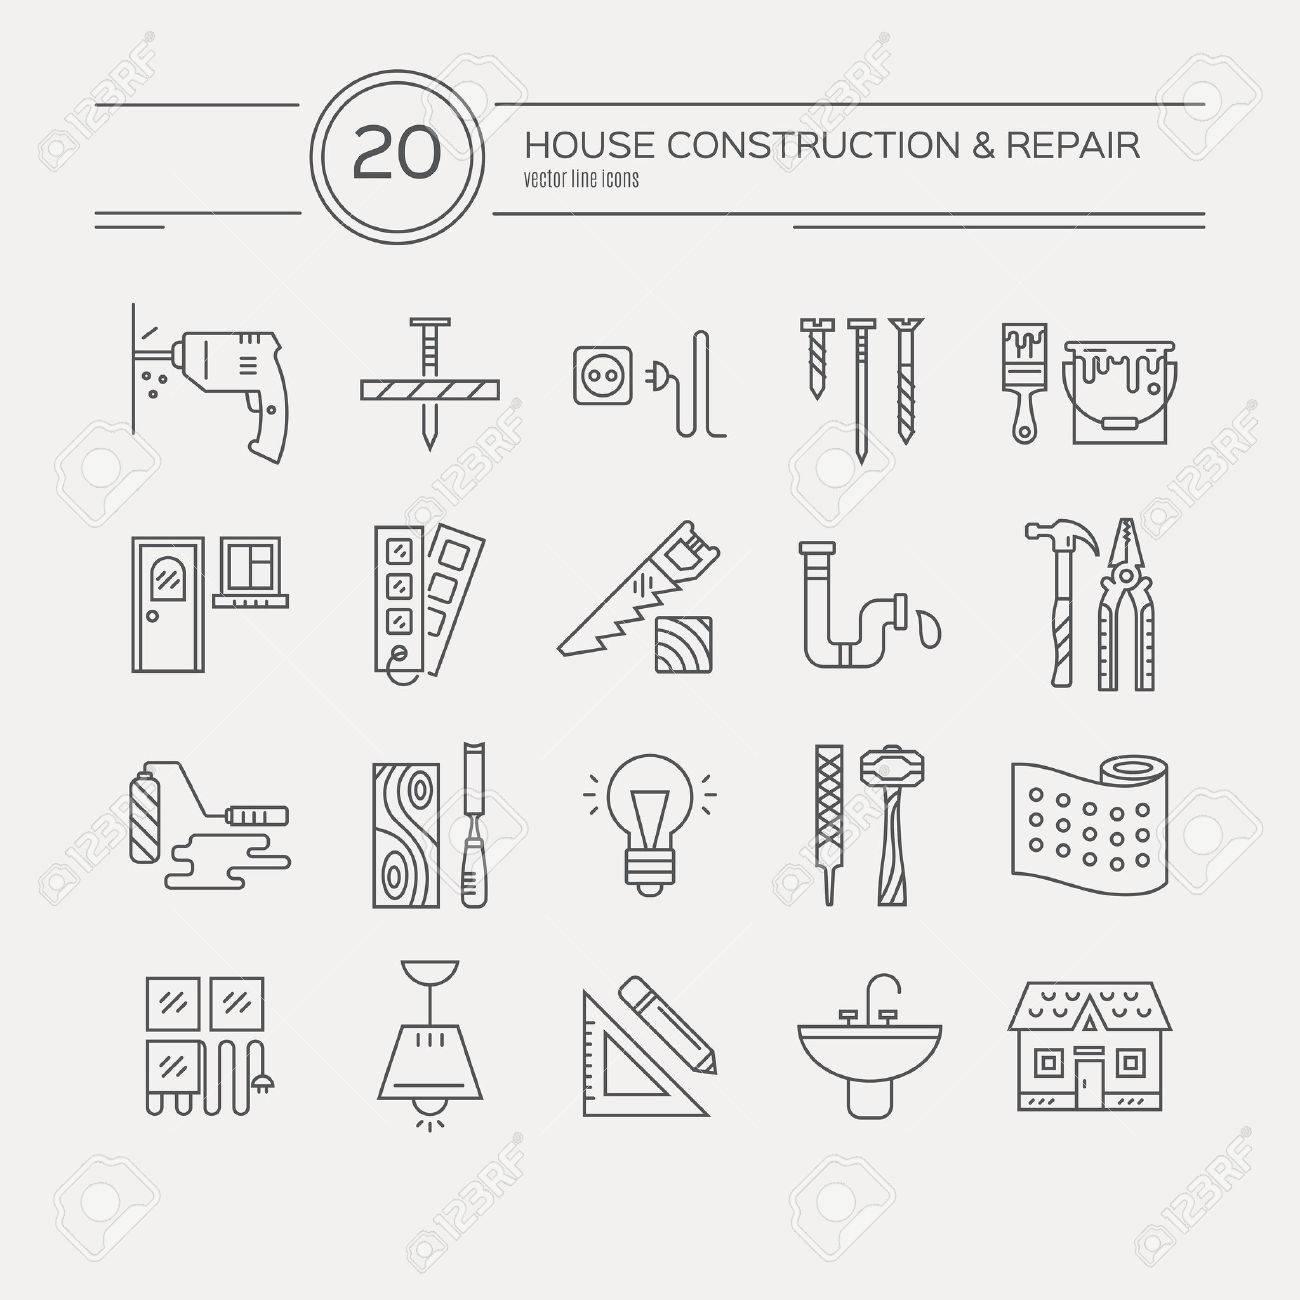 Good Standard Bild   Vektor Sammlung Von Haus Reparatur Icons, Einschließlich  Elektrischer, Sanitär Werkzeuge. Modernen Linienstil Etiketten Haus  Umgestalten ...